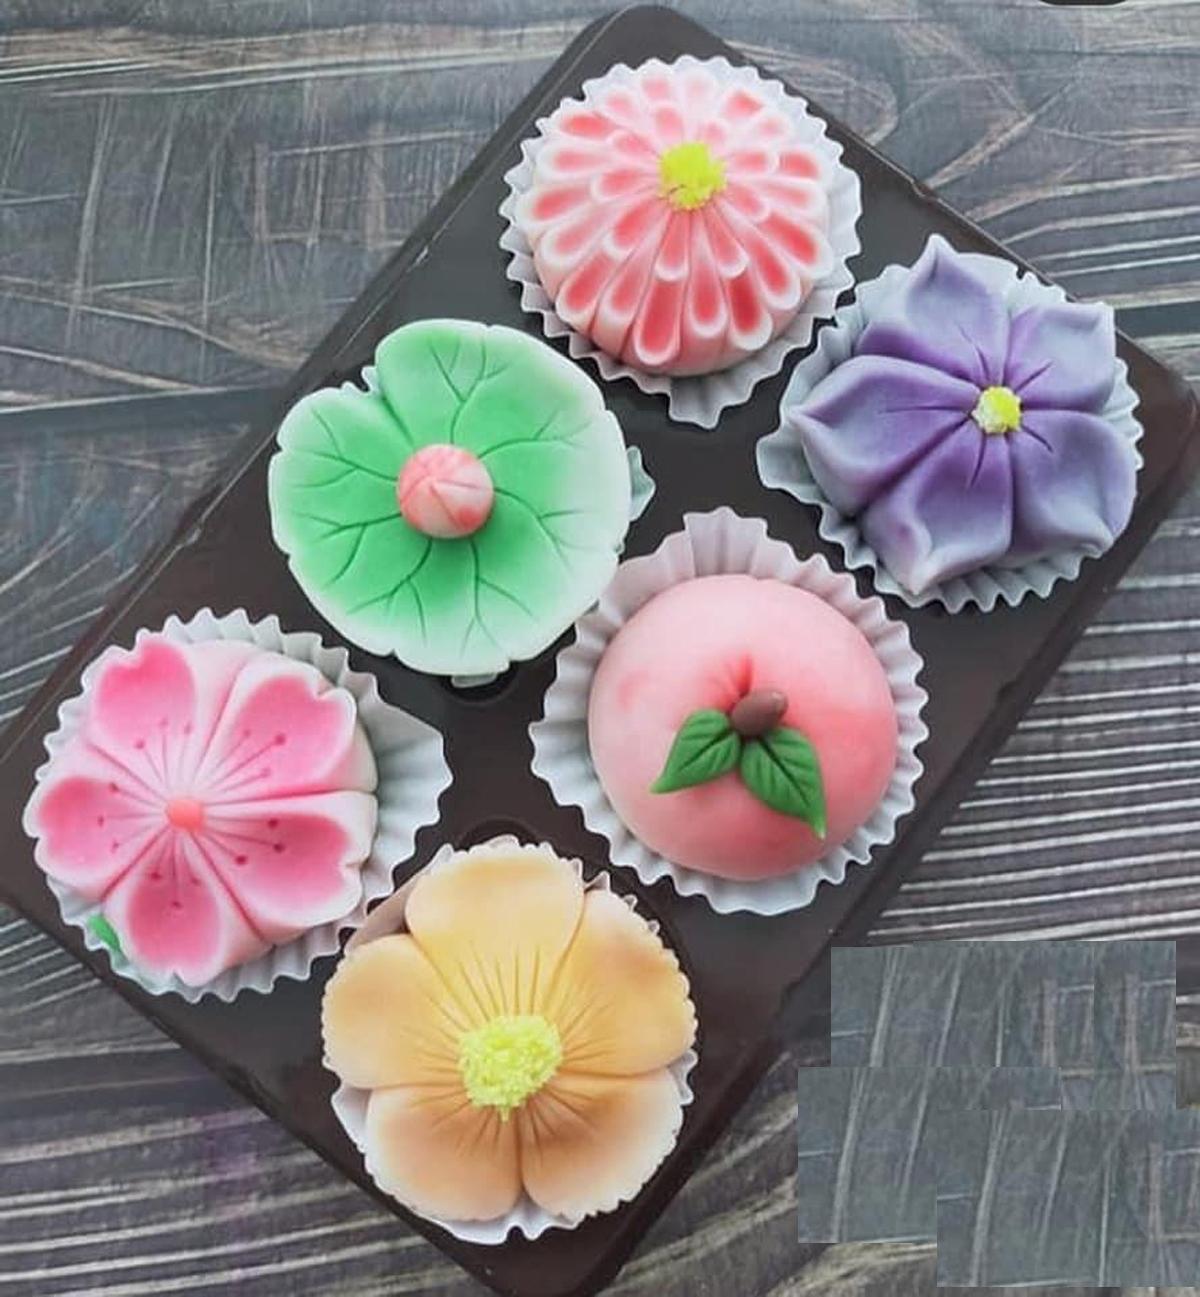 """Đây là mẫu bánh Nhật Bản Namagashi, giá không """"mềm"""" như các loại bánh trung thu thông thường, nhưng vì đẹp mắt nên khách vẫn đặt mua./."""